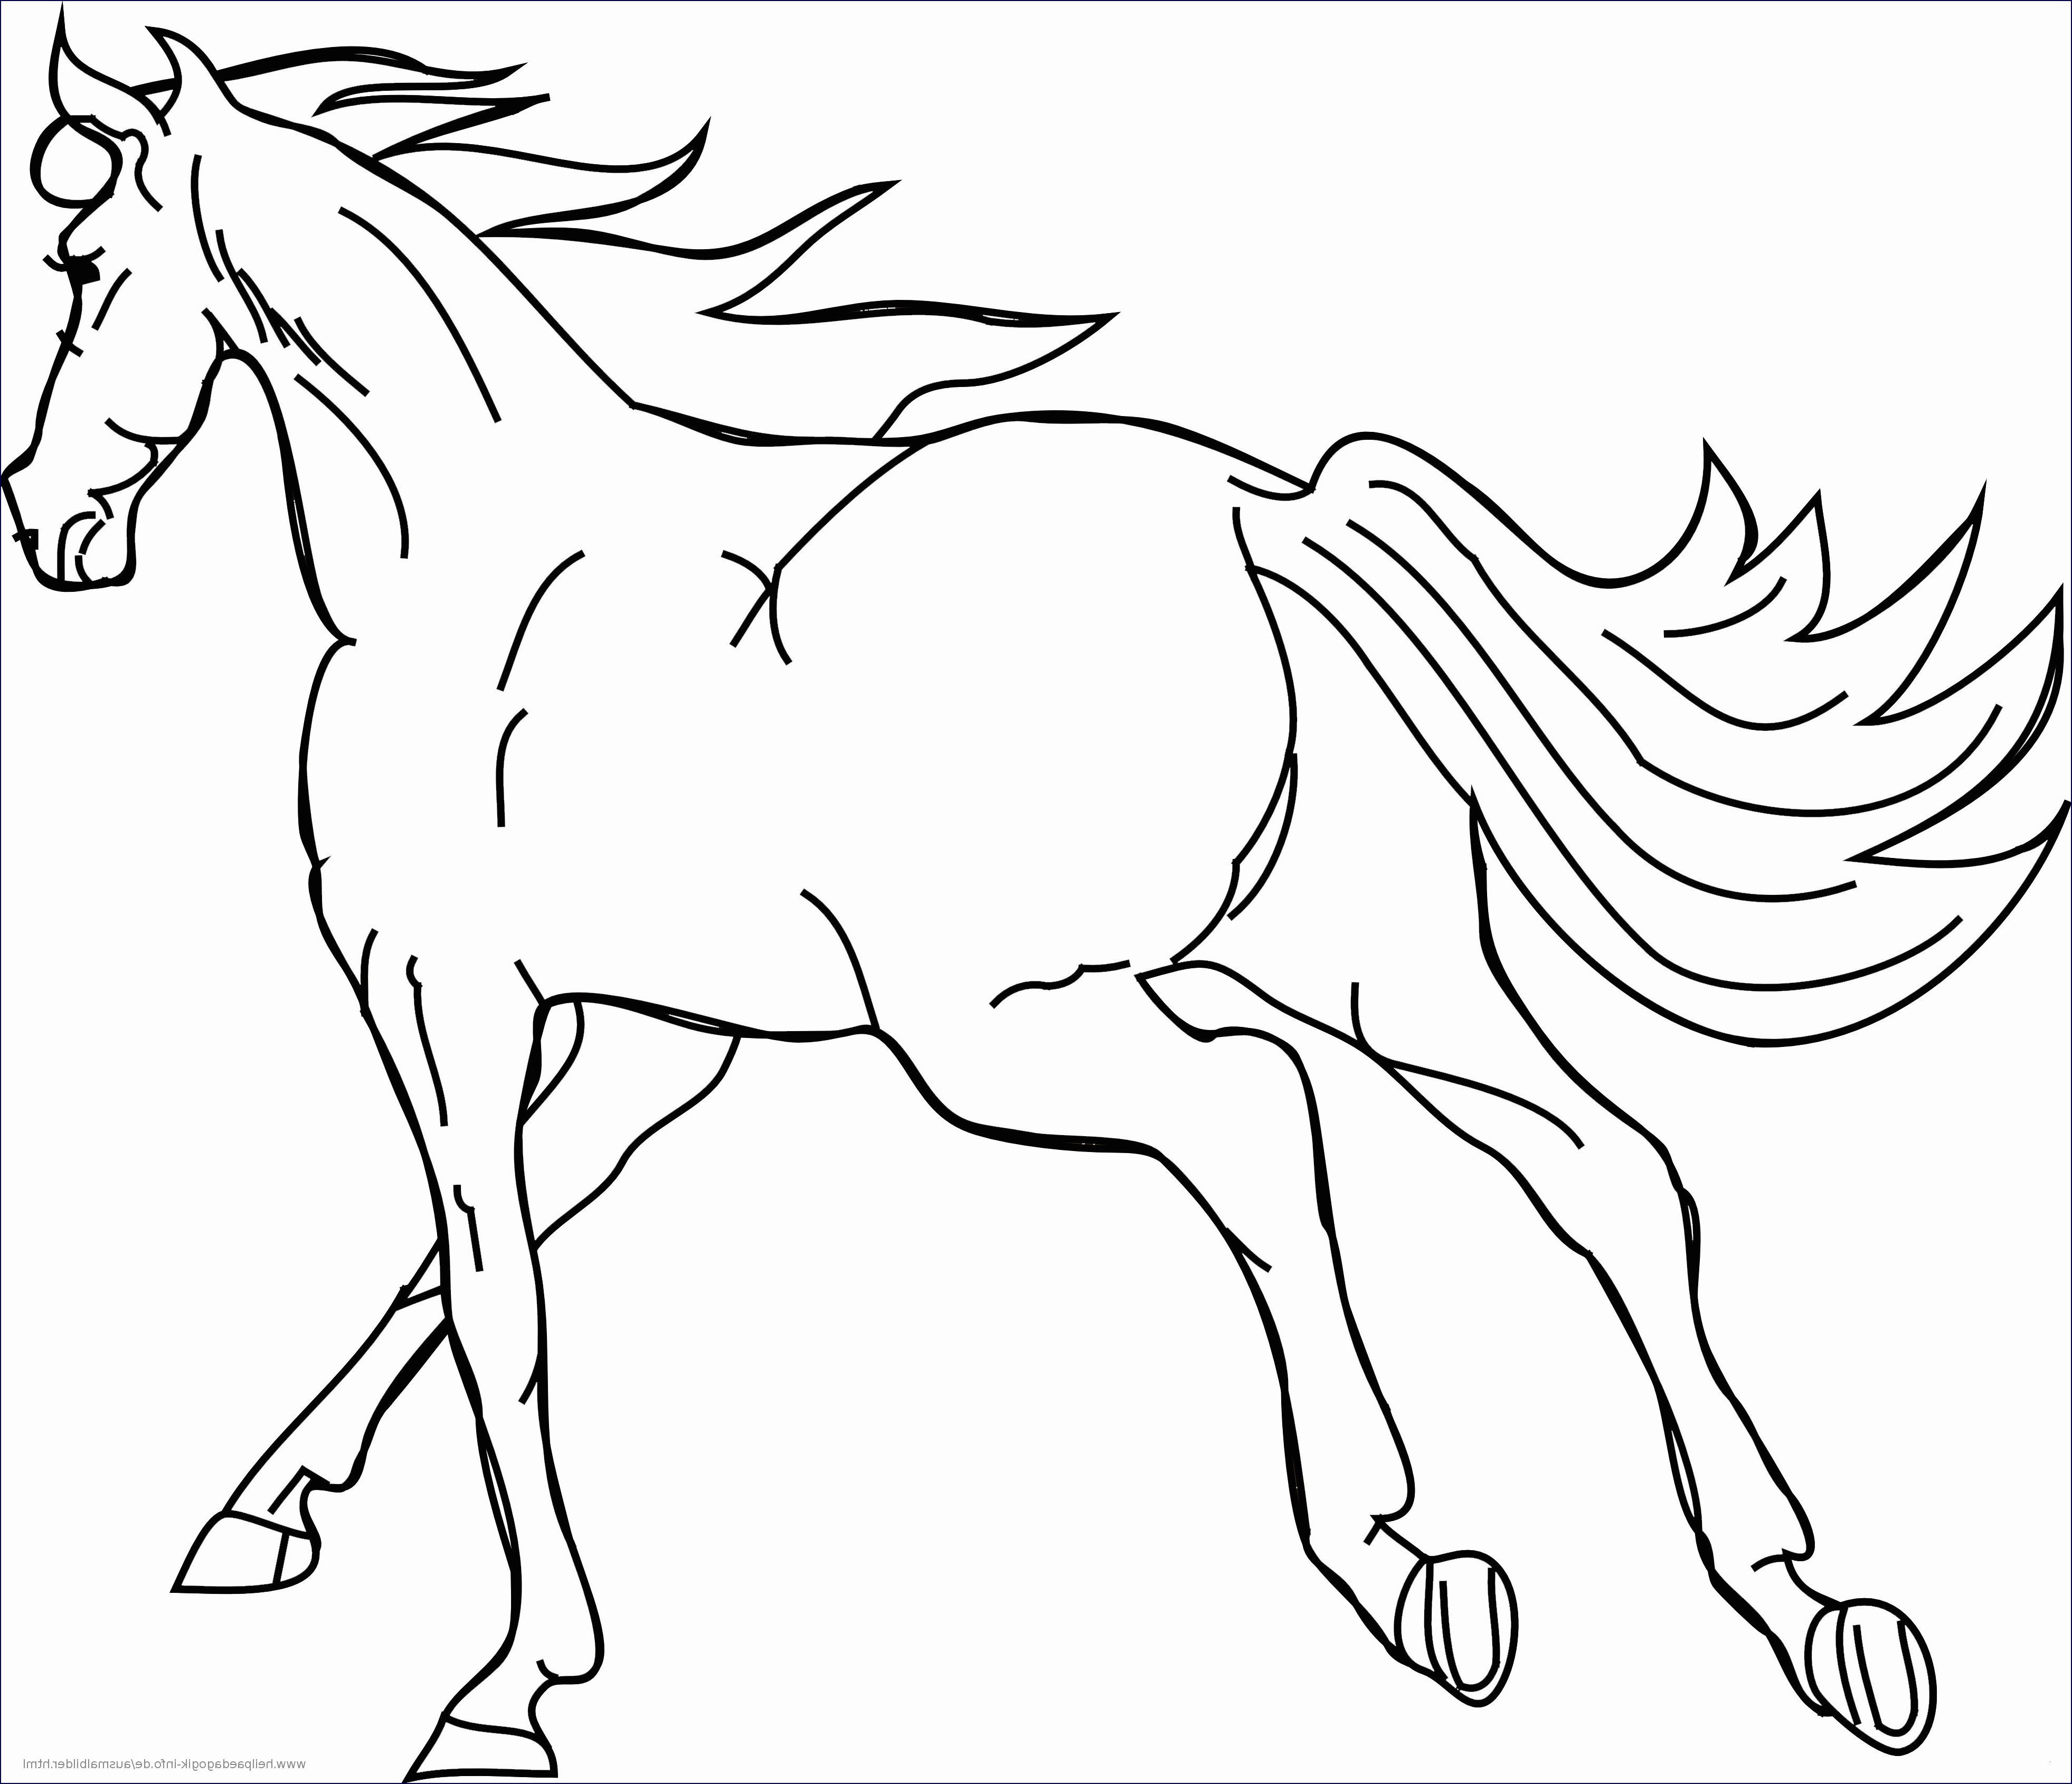 Filly Pferd Ausmalbilder Einzigartig 30 Fantastisch Conni Ausmalbilder – Malvorlagen Ideen Fotografieren